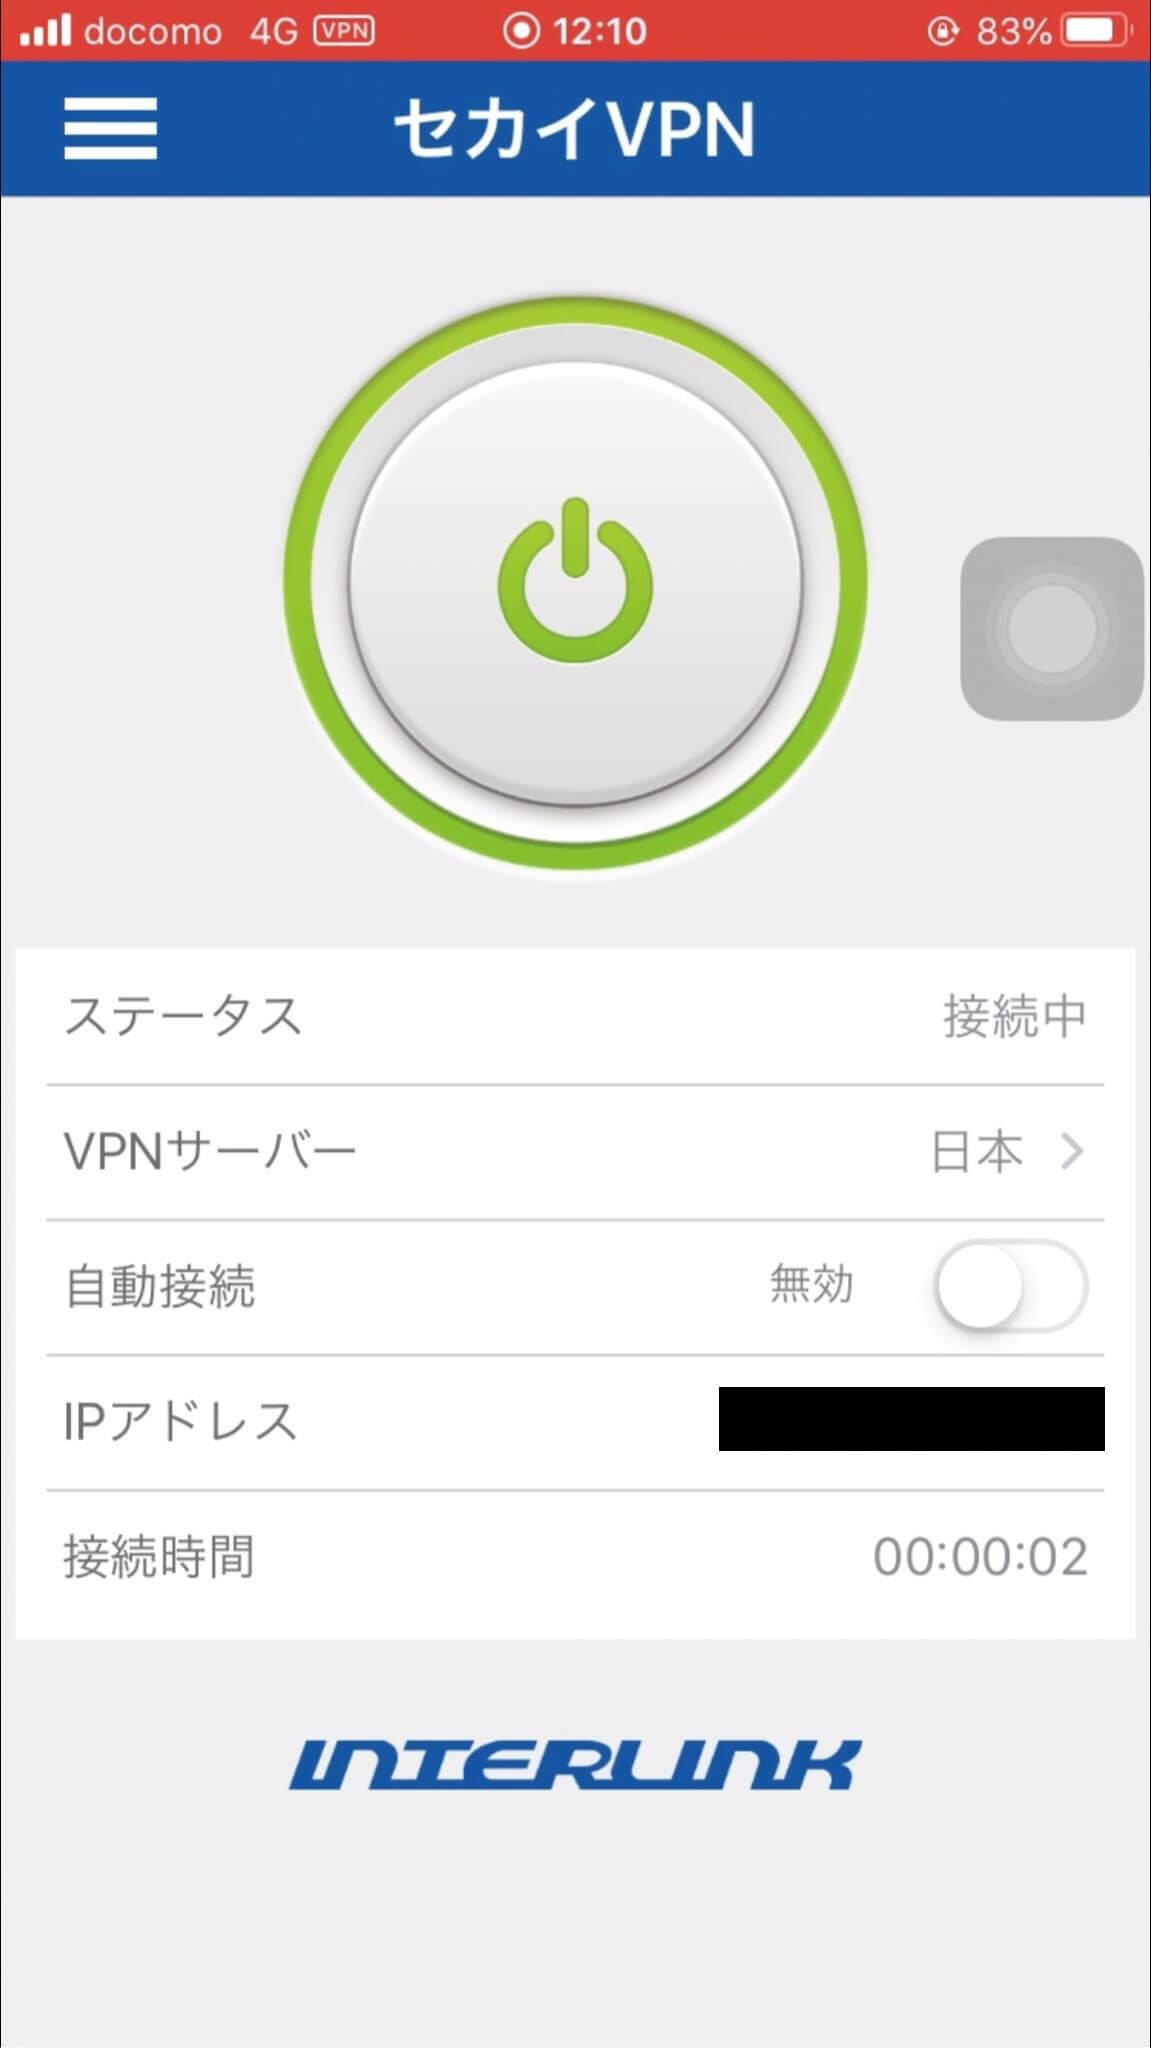 セカイVPNアプリでVPN接続をした時のスクリーンショット